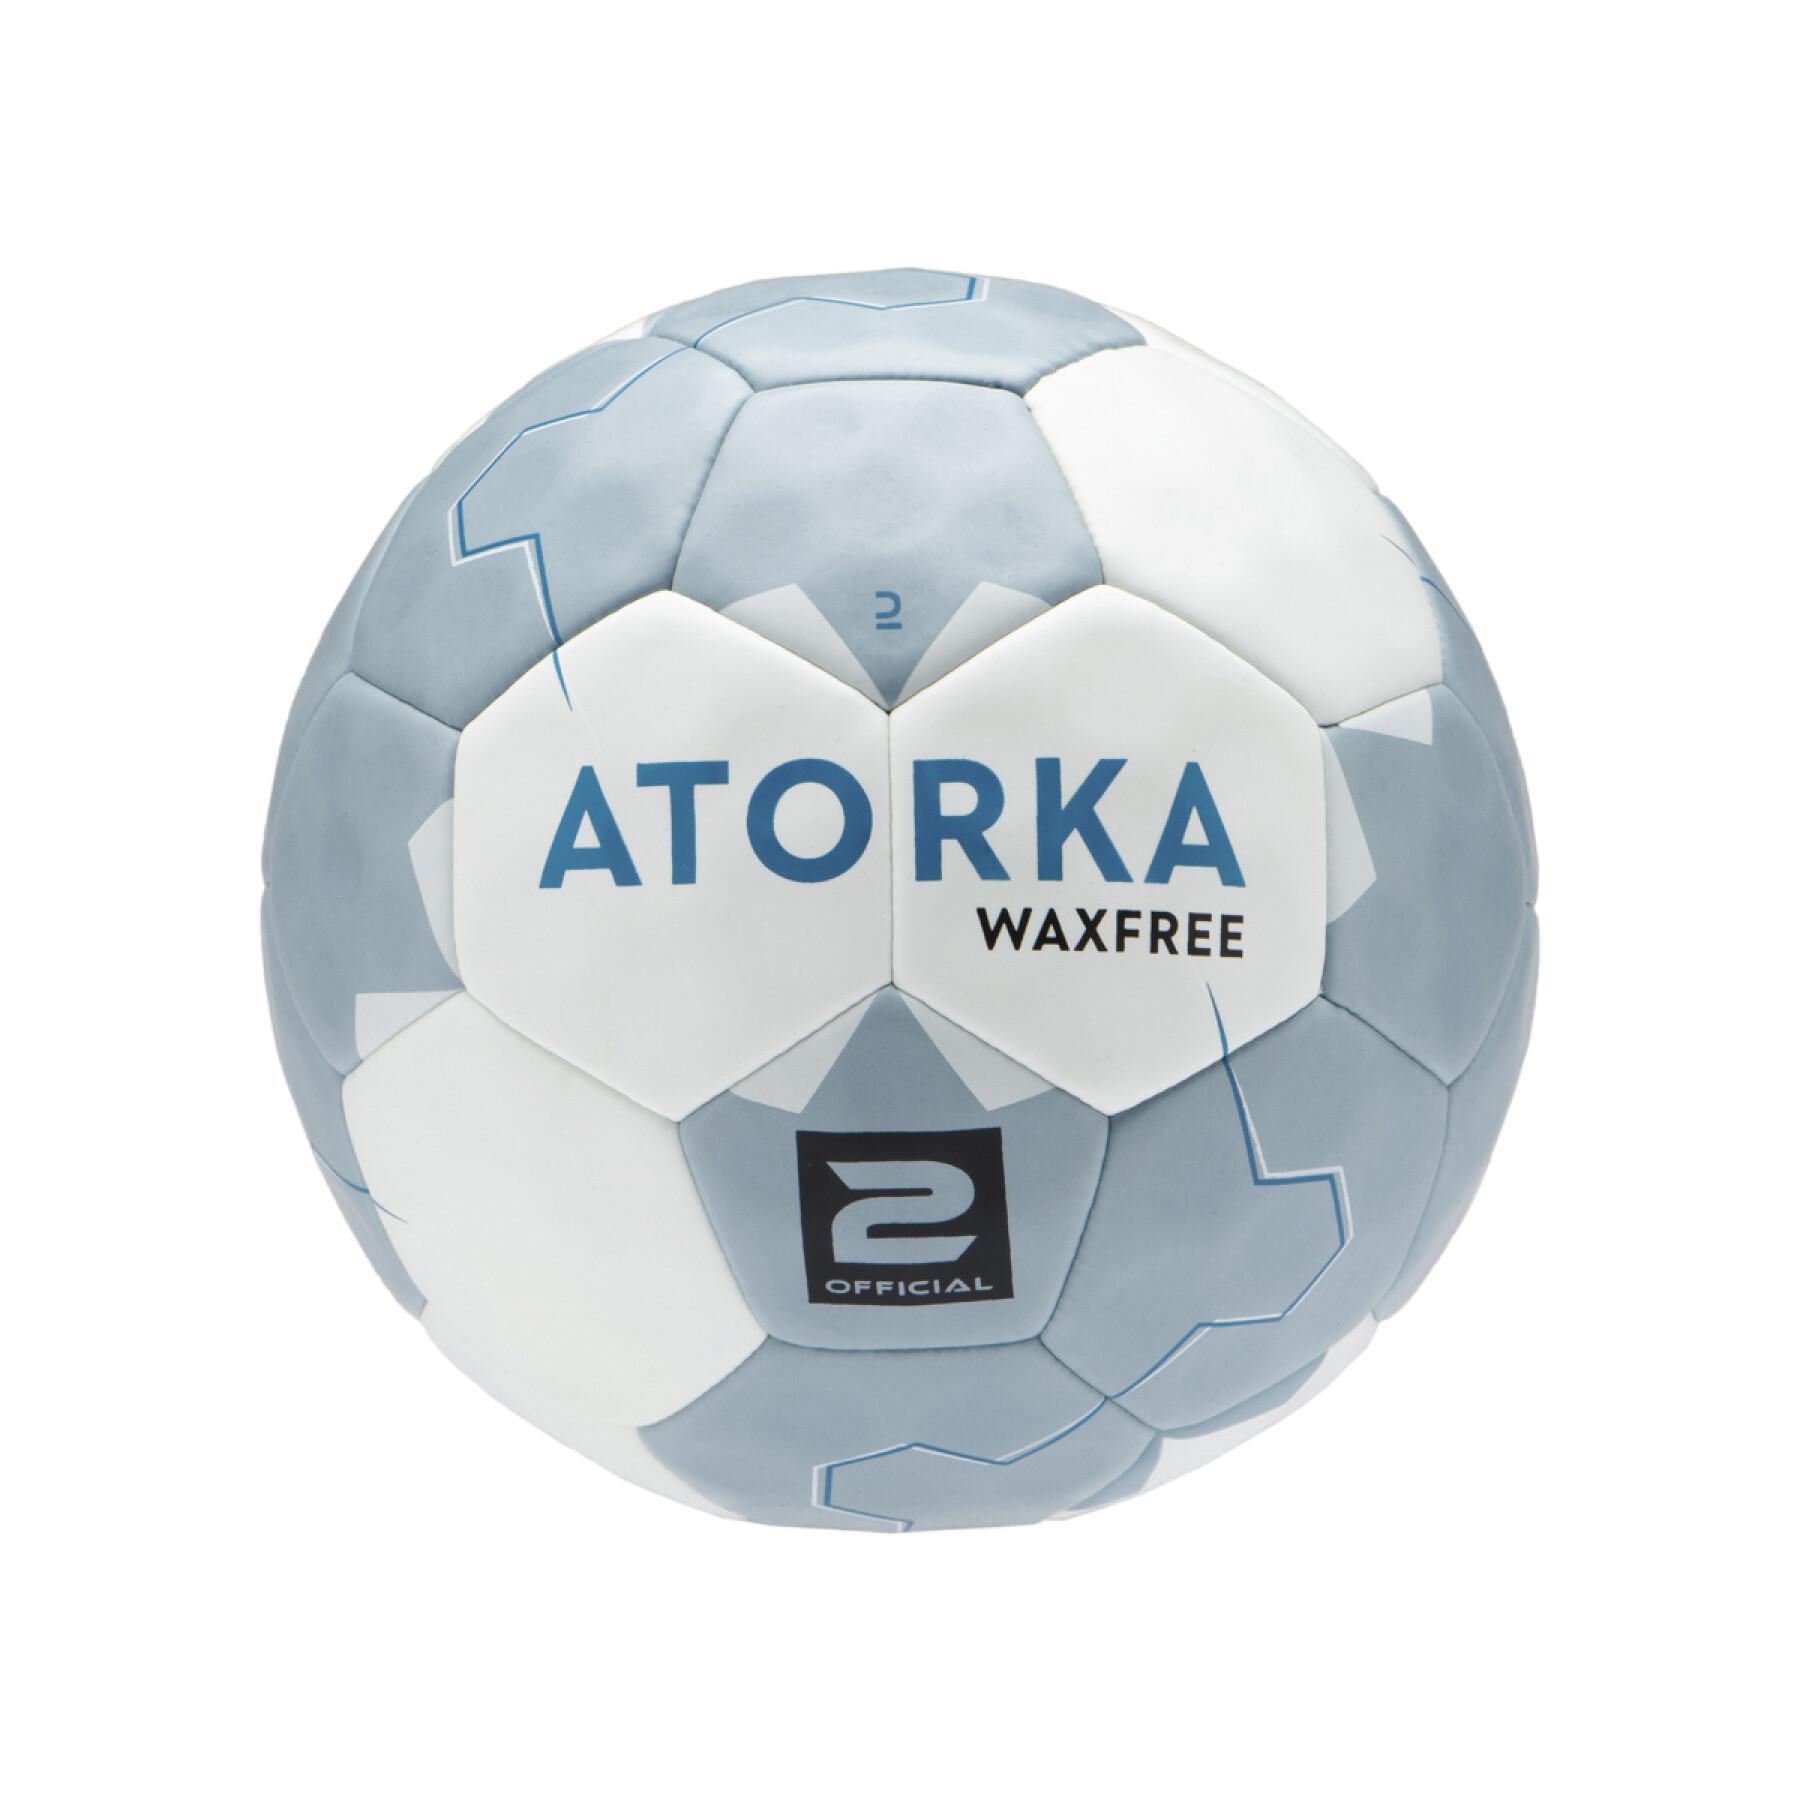 Balloon Atorka H500 Wax free Taille 2